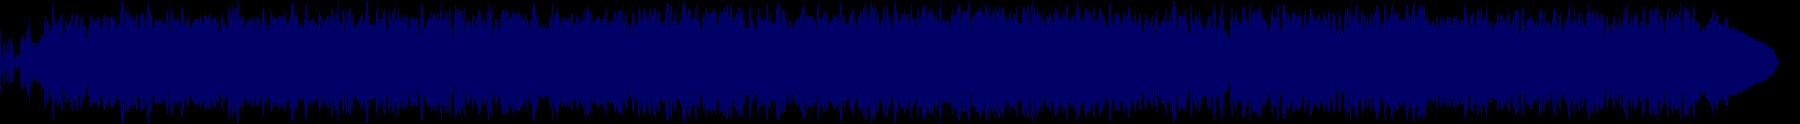 waveform of track #71300